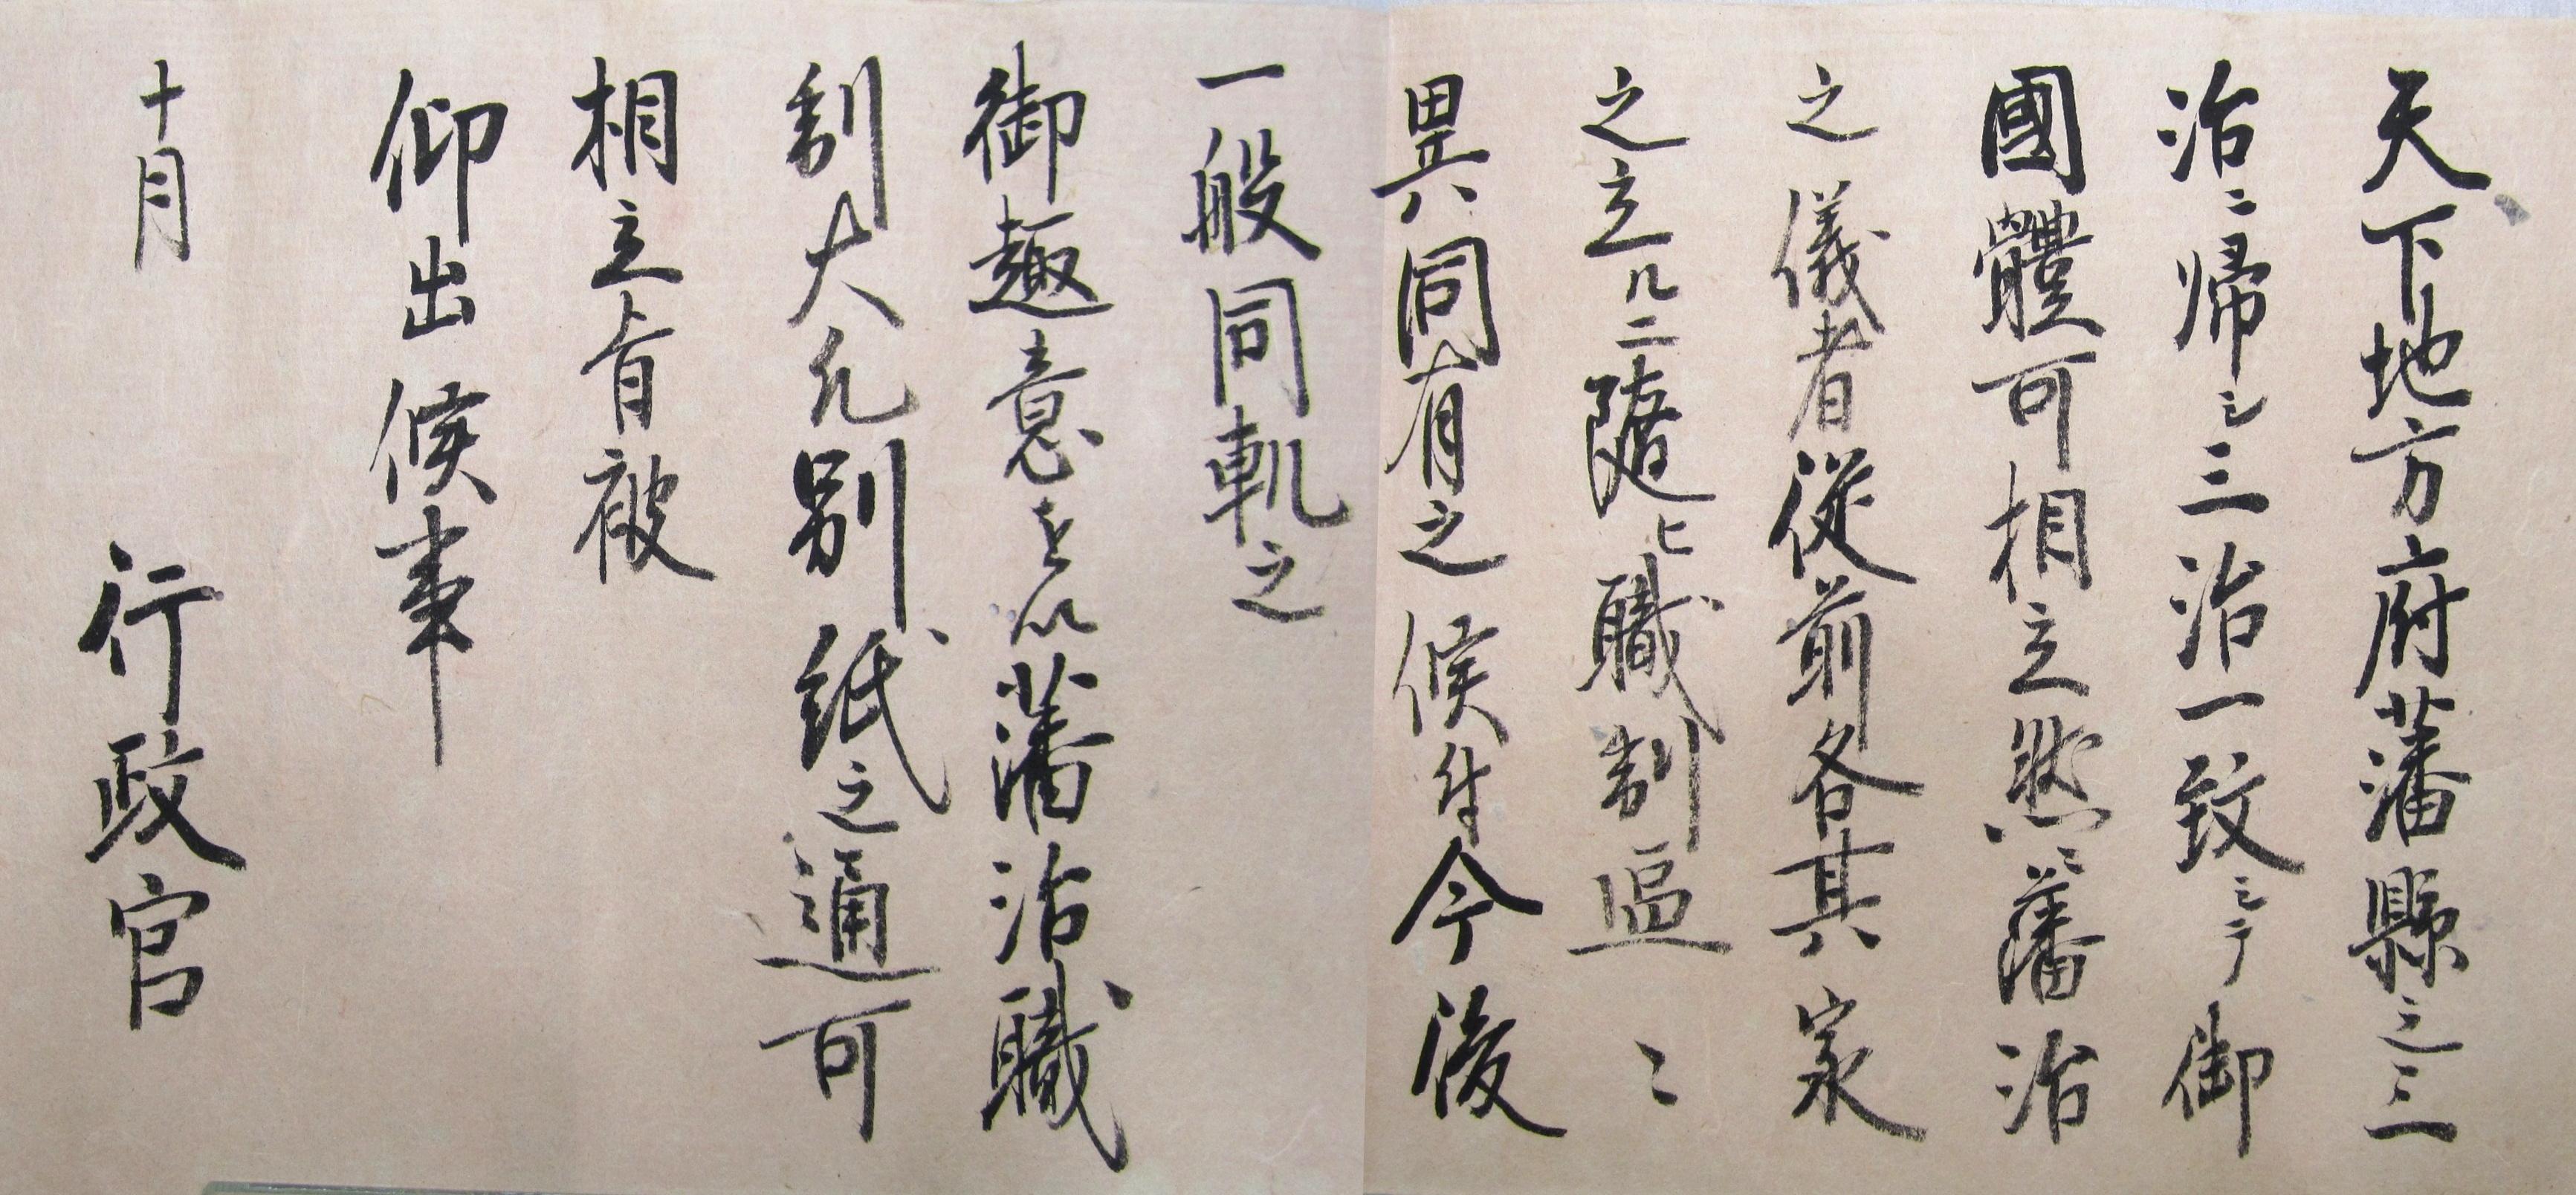 歴史講座 第3回「高知藩の時代と士族」